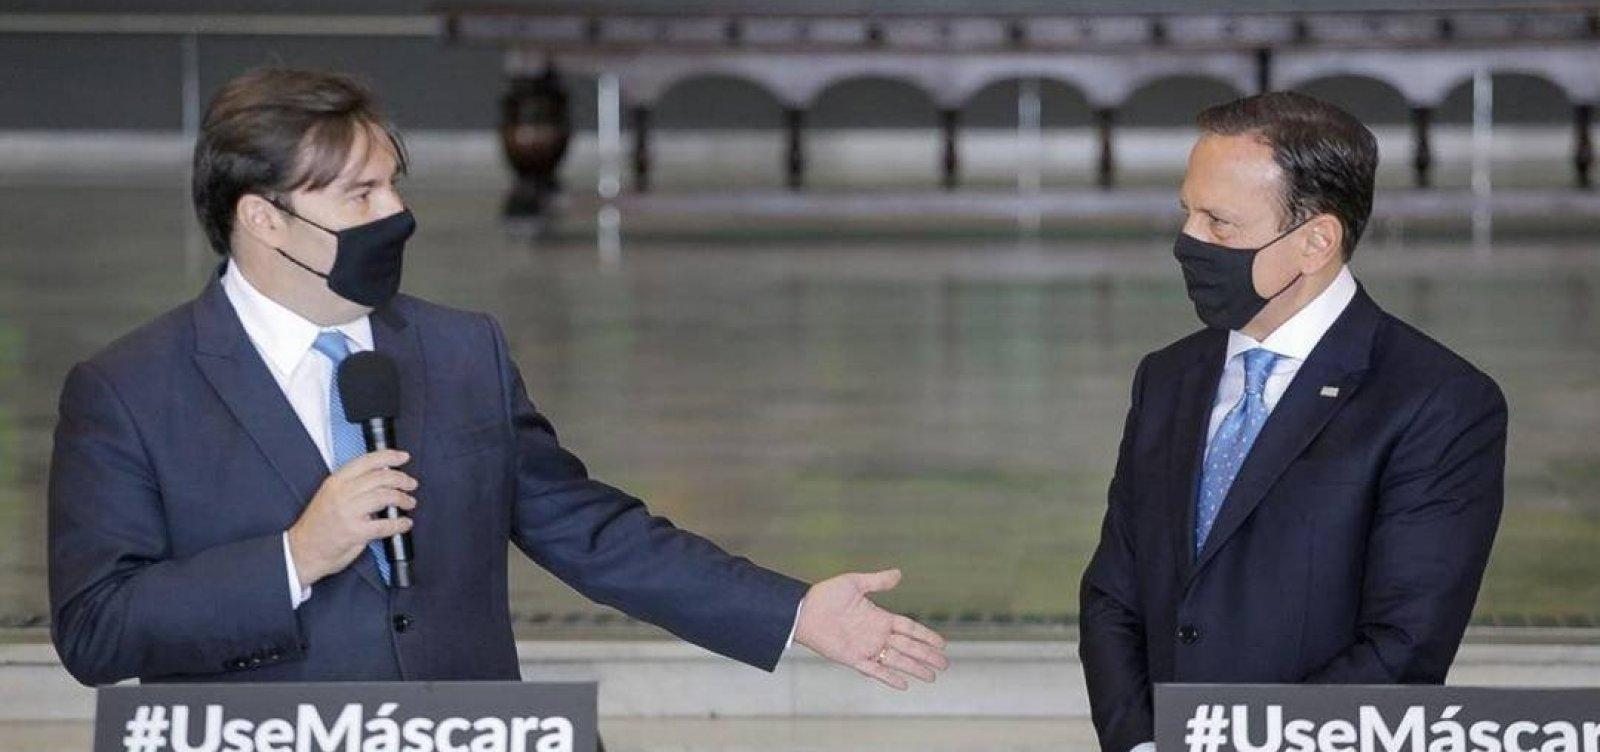 [Maia defende CoronaVac se houver aprovação e pede diálogo entre governo federal e SP]